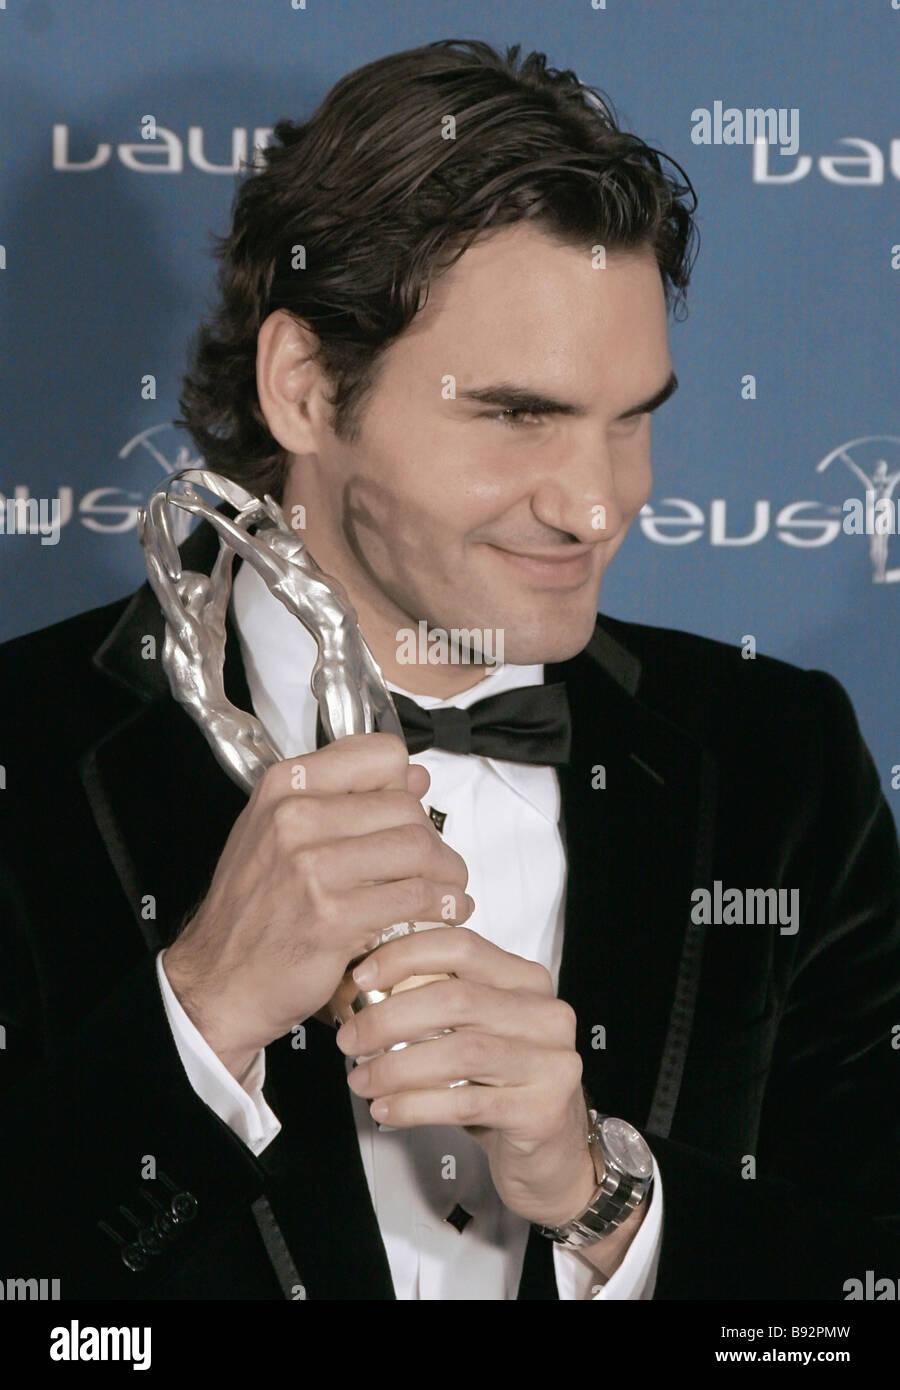 Le joueur de tennis suisse Roger Federer les Laureus sportif de l'année à la 9e cérémonie annuelle de l'octroi de la Laureus World Sports Banque D'Images